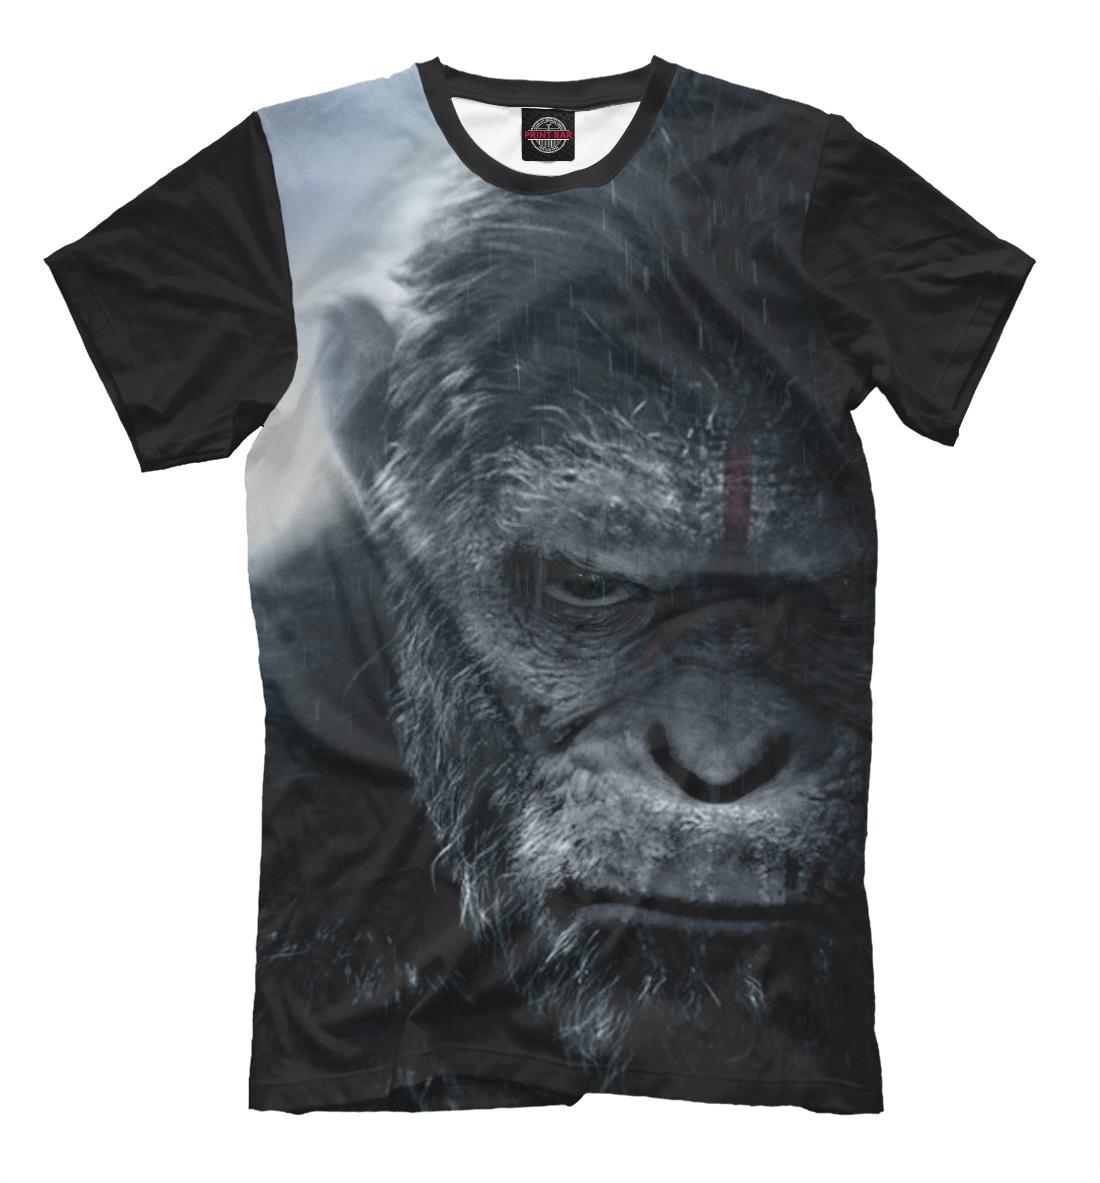 Купить Планета обезьян: Революция, Printbar, Футболки, KNO-125068-fut-2